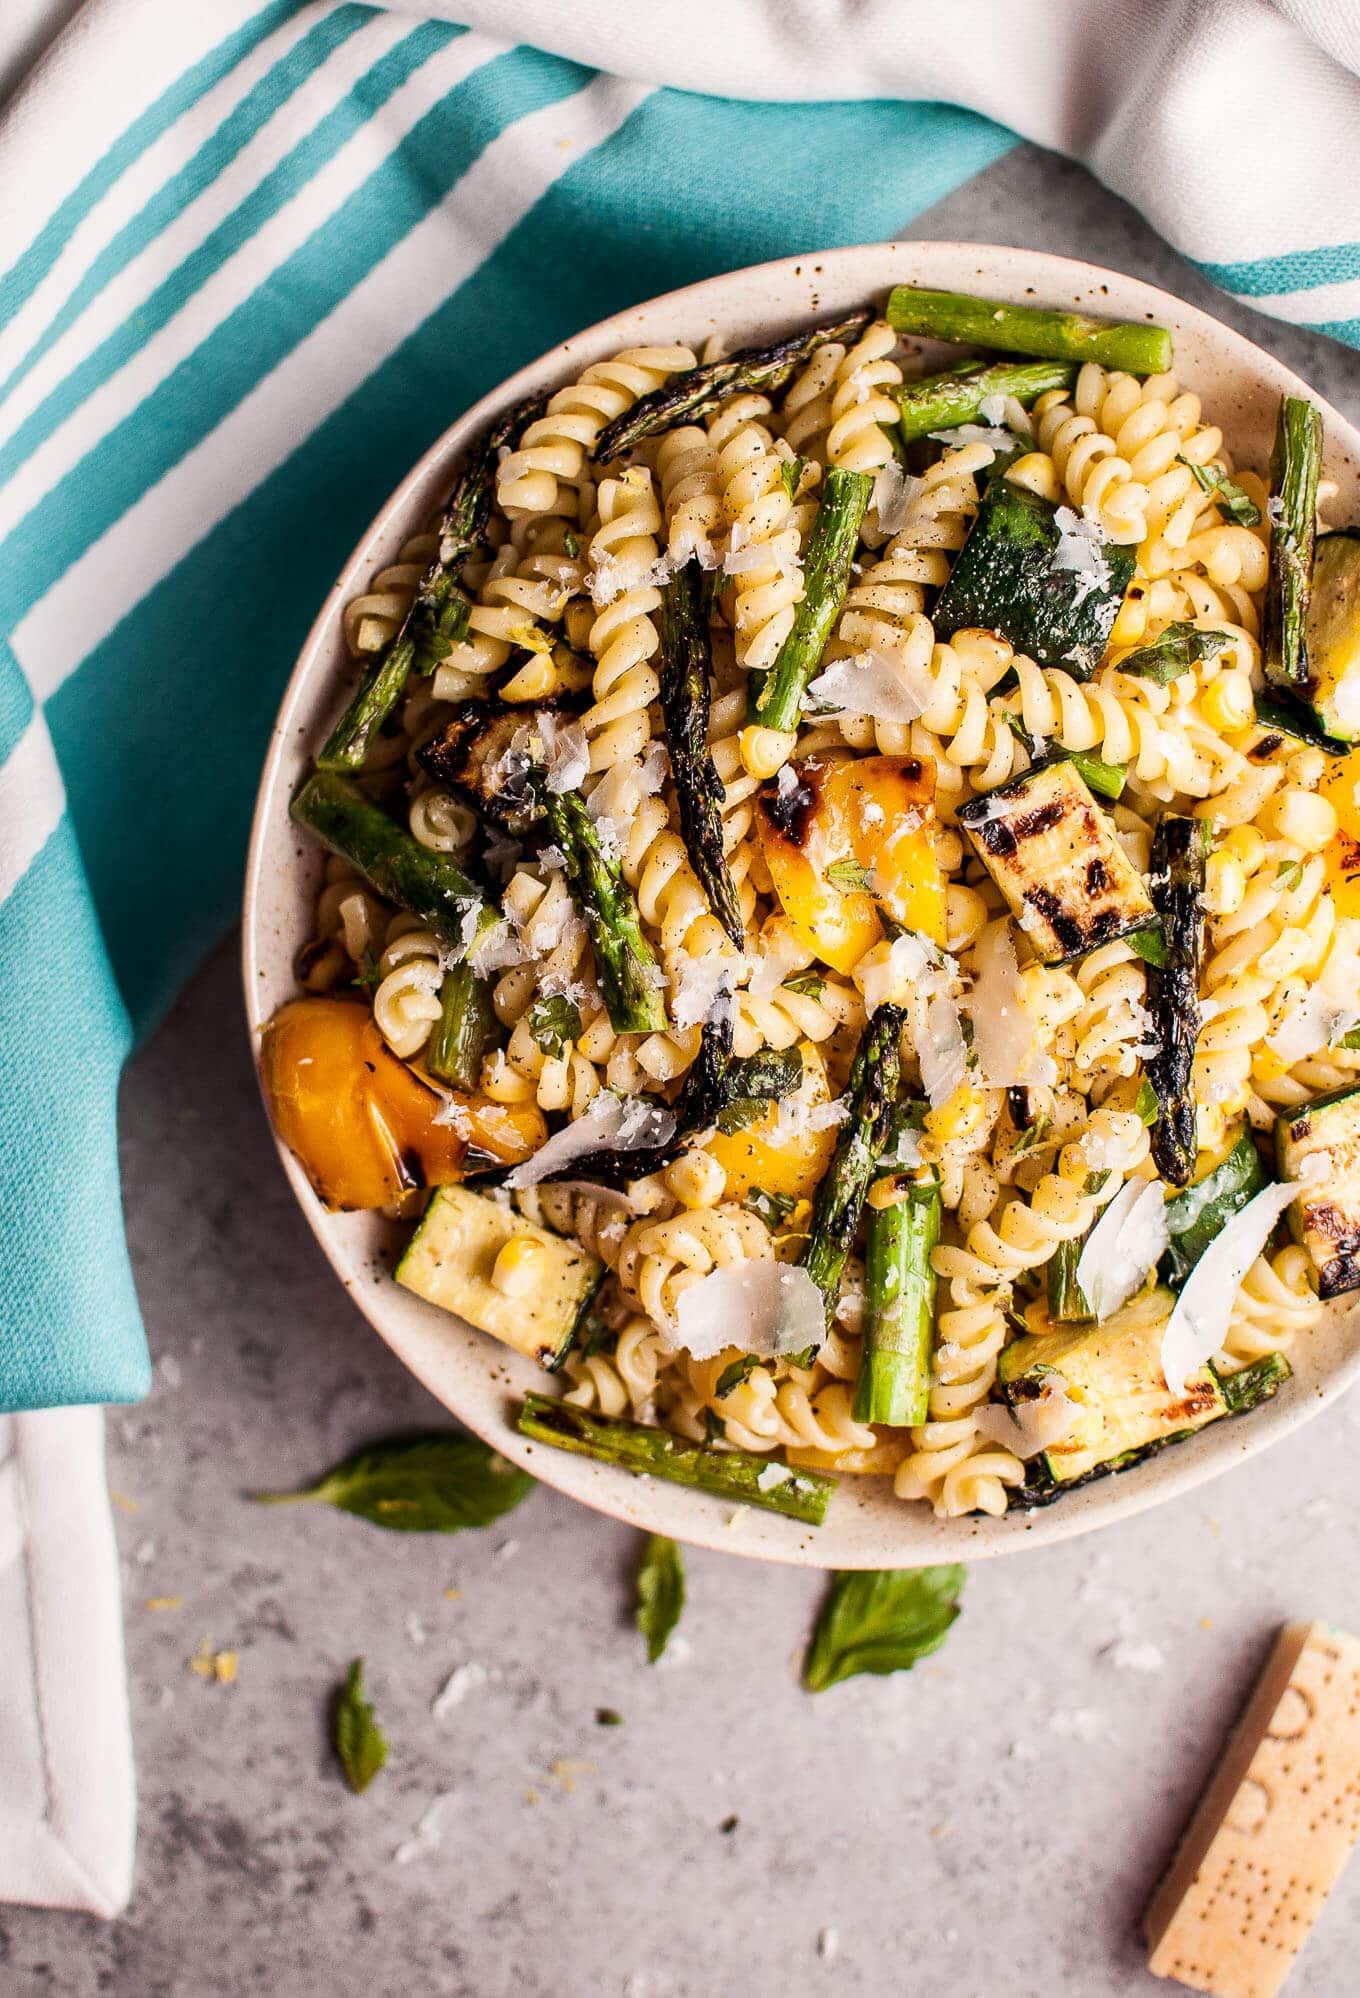 http://www.saltandlavender.com/grilled-summer-vegetable-pasta-salad/